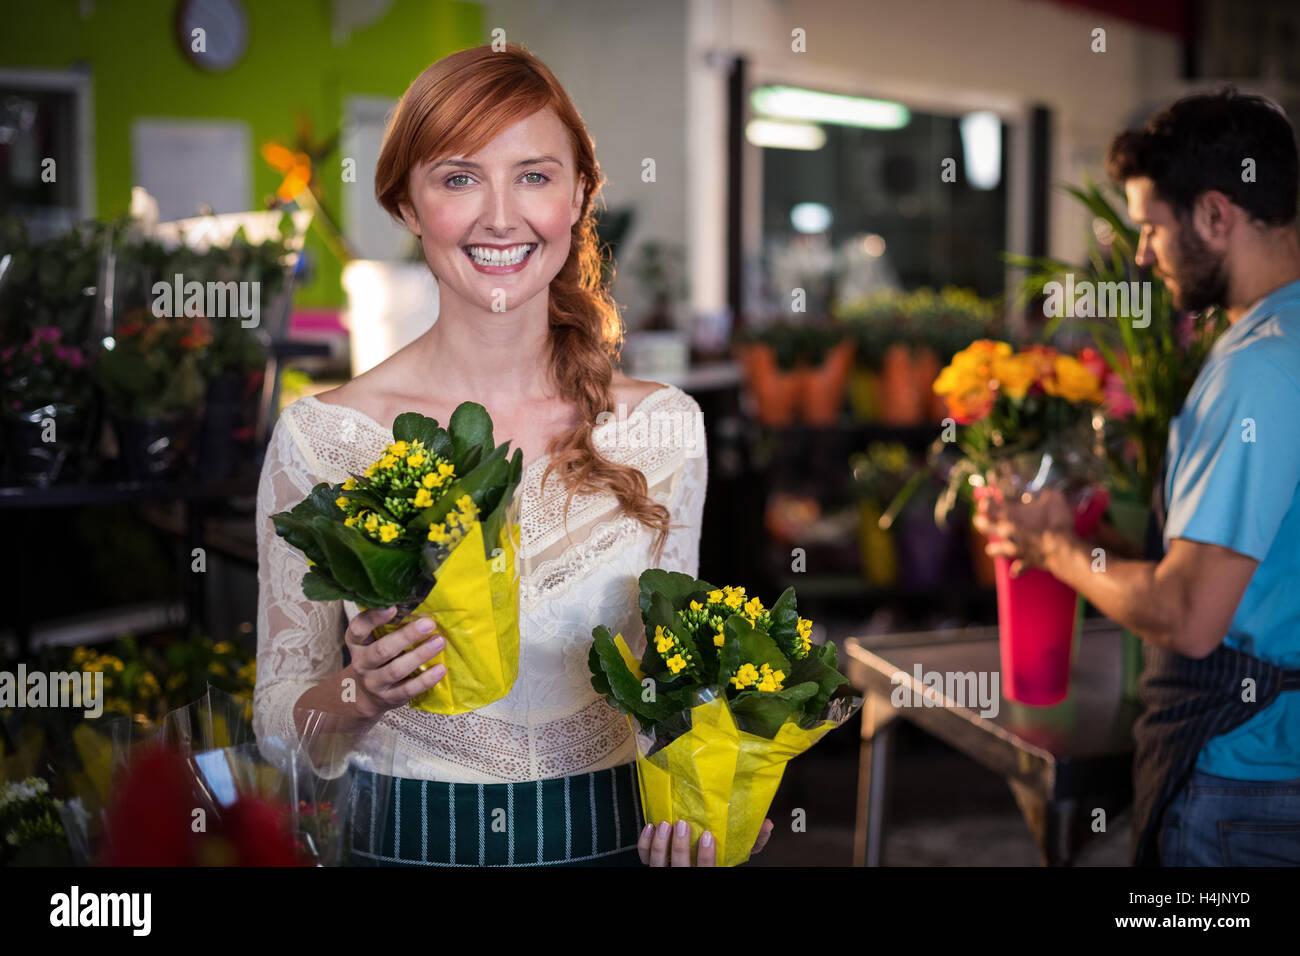 Woman holding flower bouquet tandis que l'homme travaillant dans l'arrière-plan Banque D'Images